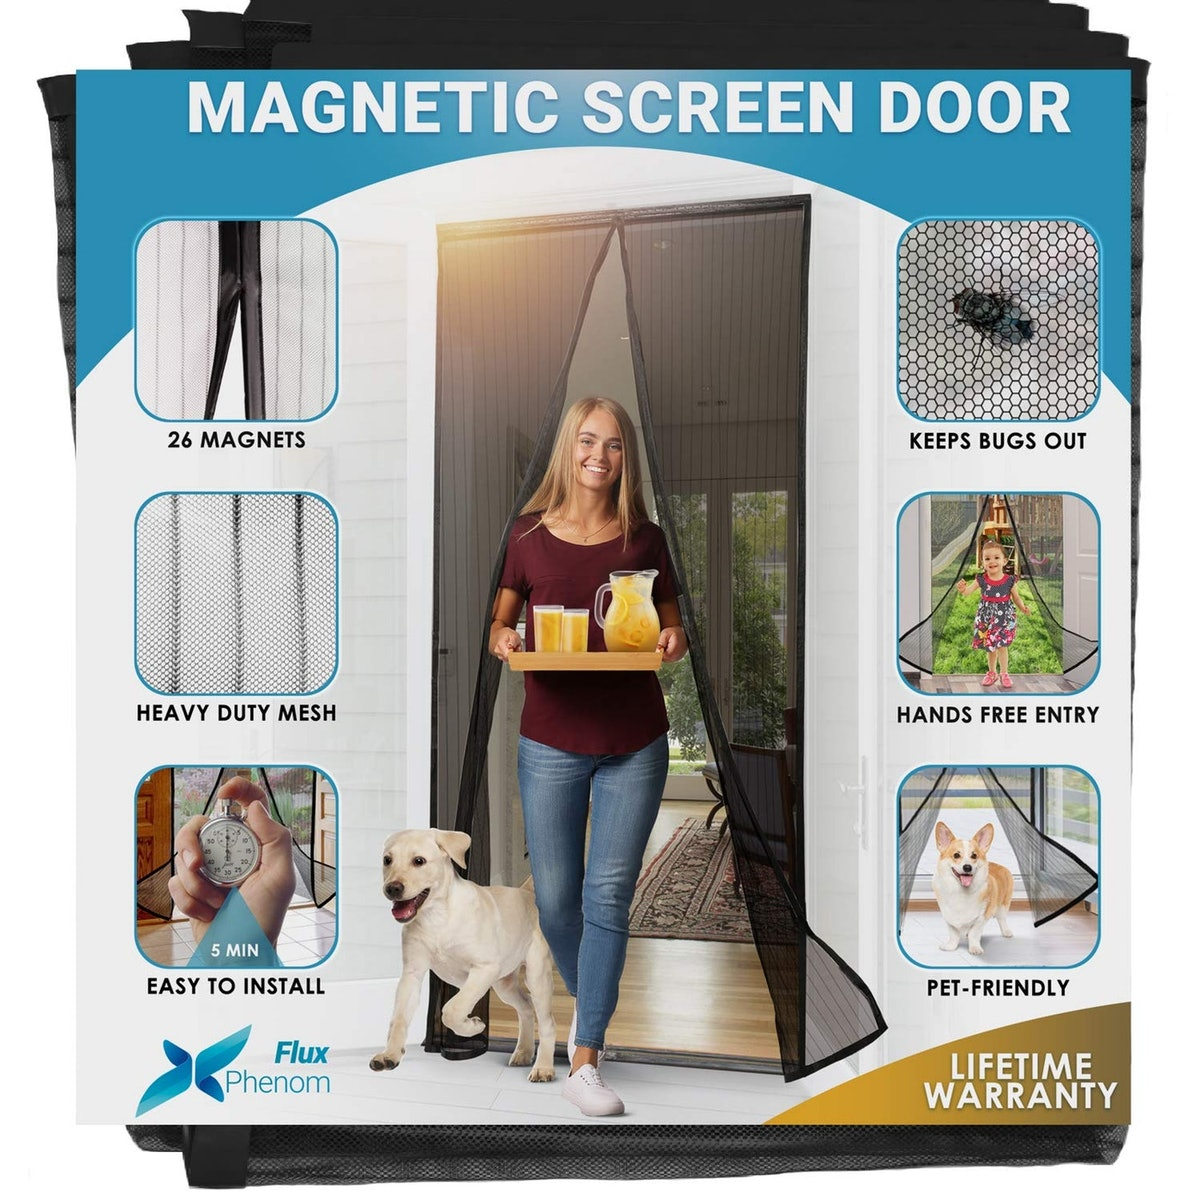 Flux Phenom Magnetic Screen Door